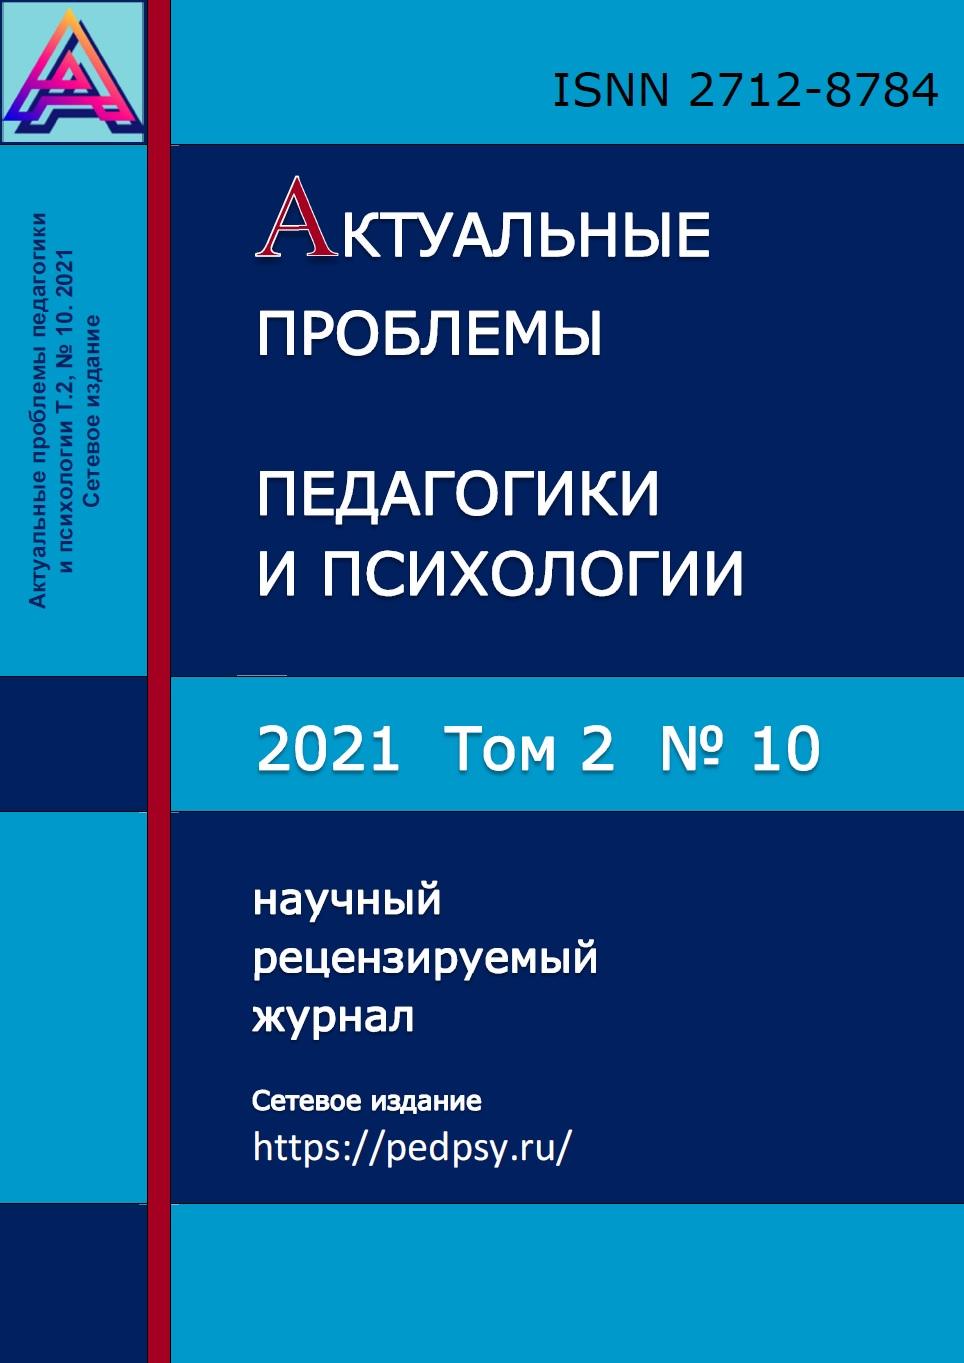 Показать Том 2 № 10 (2021): Актуальные проблемы педагогики и психологии